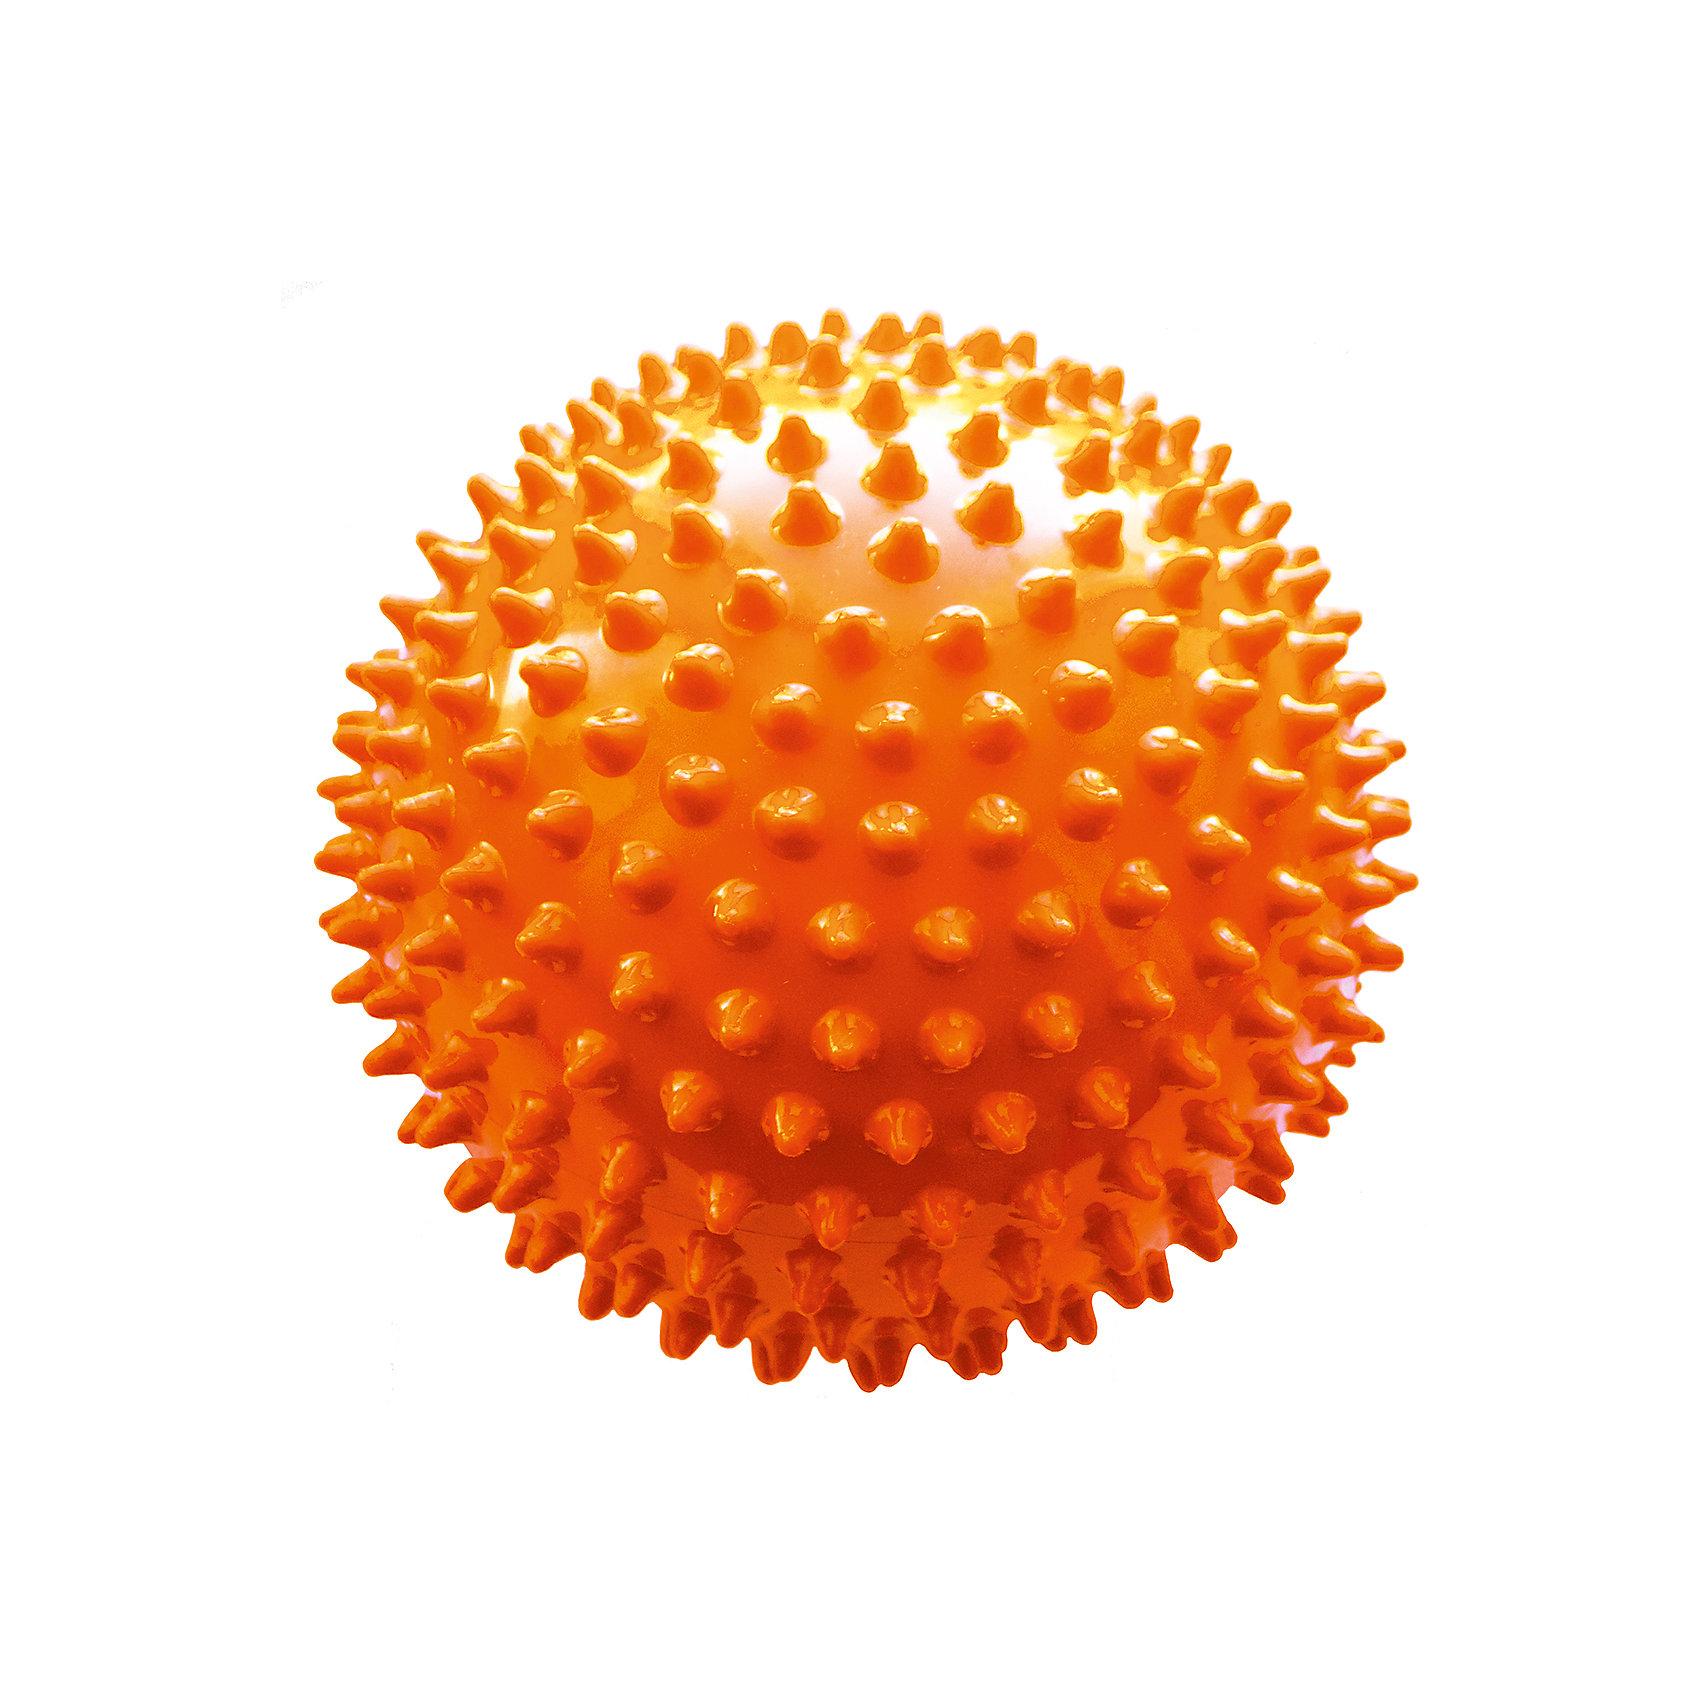 Мяч ёжик оранжевый, 6,5 см, МалышОКМячи детские<br><br><br>Ширина мм: 70<br>Глубина мм: 70<br>Высота мм: 70<br>Вес г: 30<br>Возраст от месяцев: 6<br>Возраст до месяцев: 2147483647<br>Пол: Унисекс<br>Возраст: Детский<br>SKU: 6894014